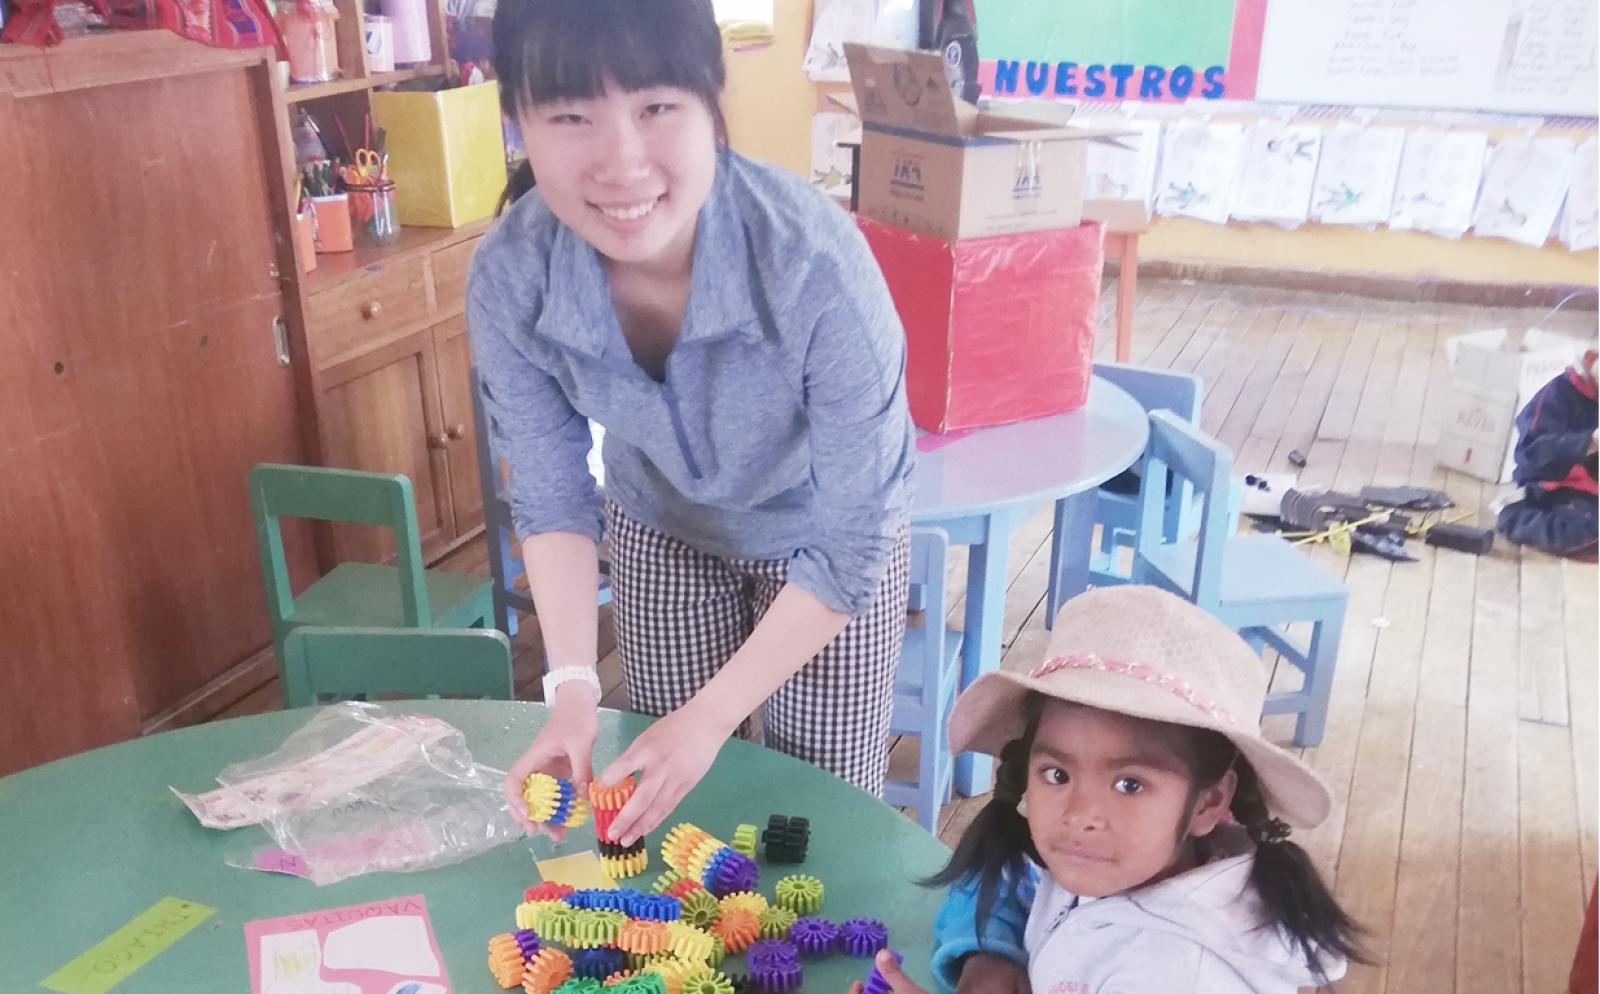 ペルーの保育園でチャイルドケア支援に取り組む日本人高校生ボランティア